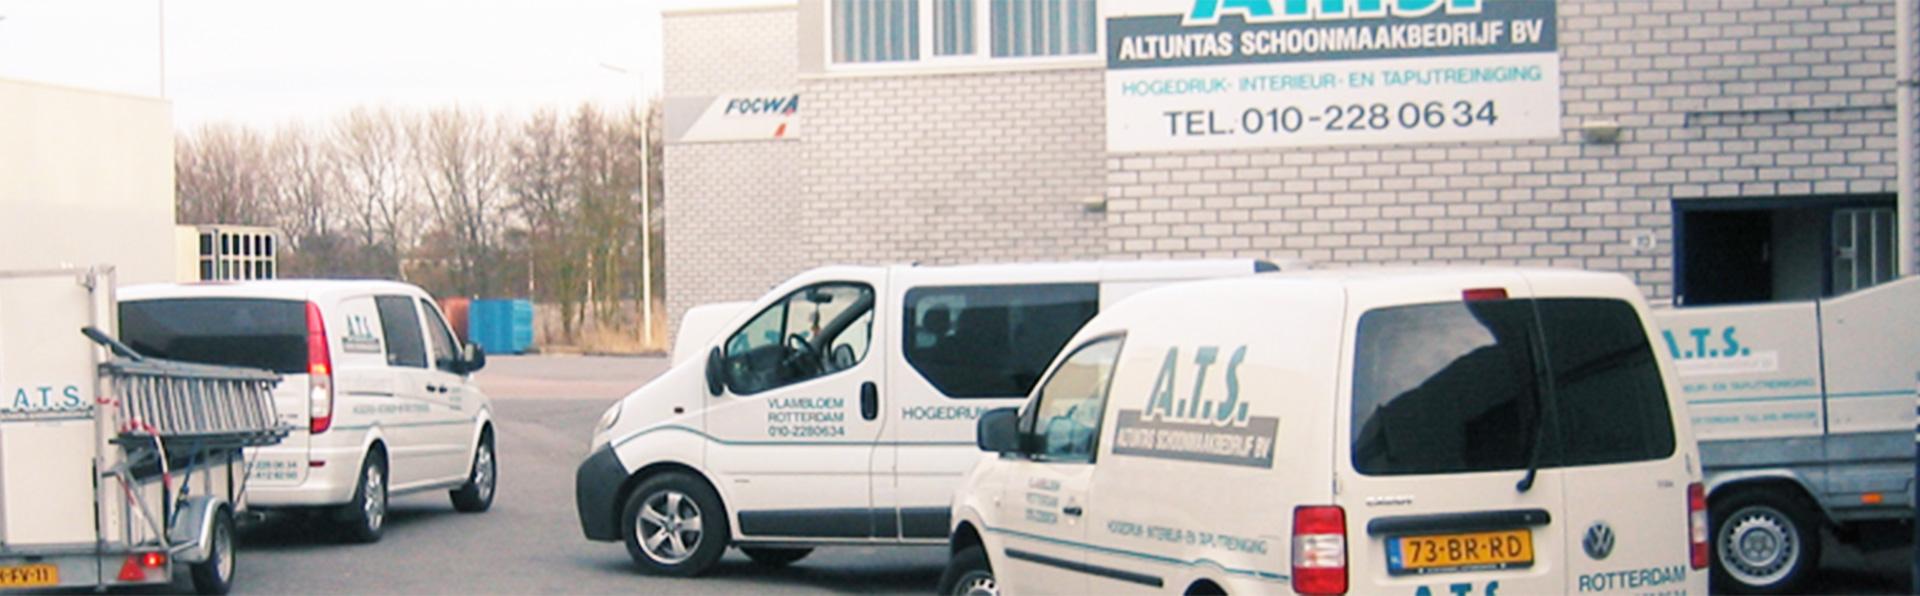 Schoonmaakbedrijf-Utrecht- ATS-header